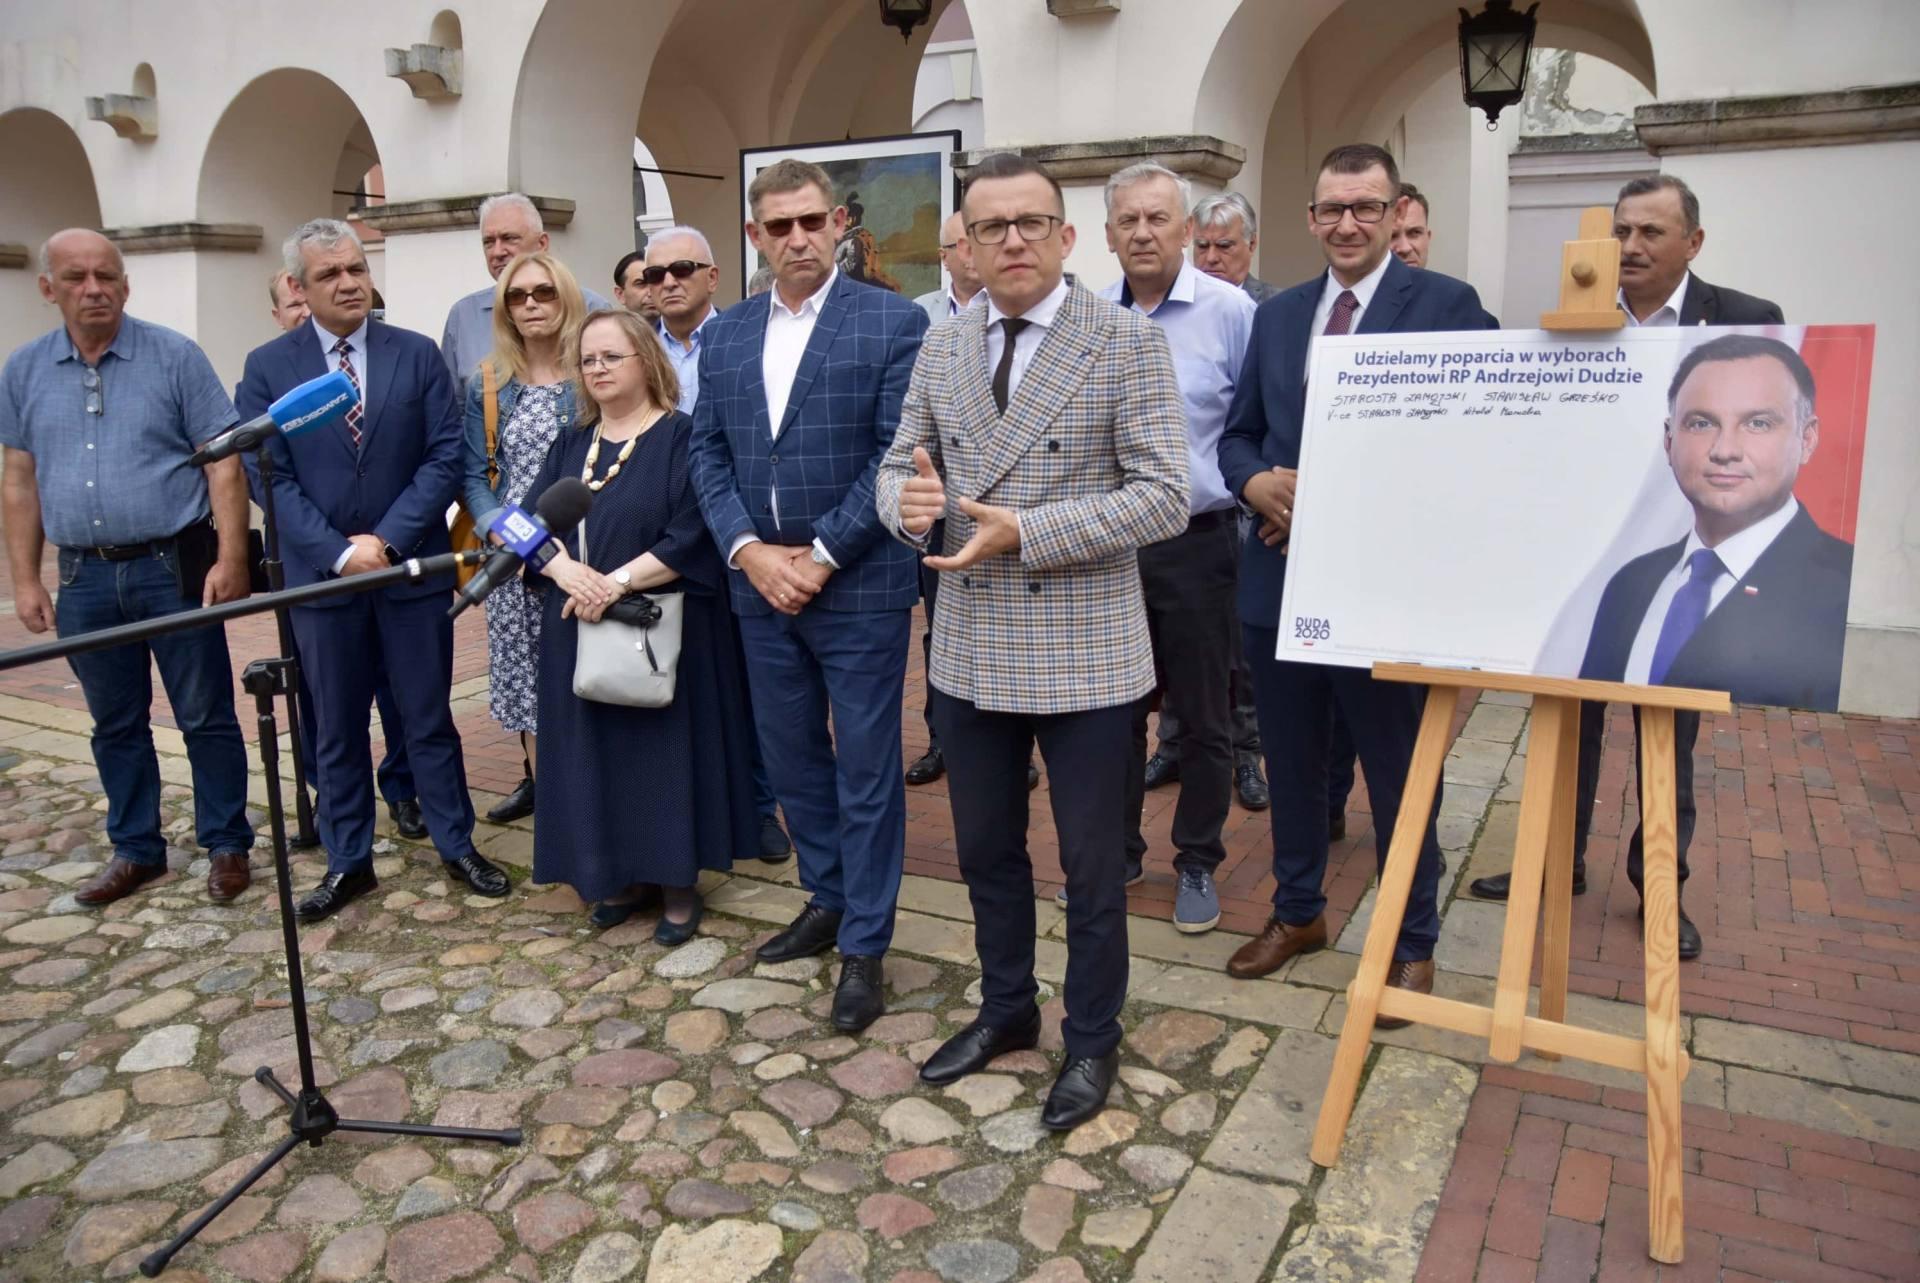 dsc 7771 Zamość: Udzielili poparcia prezydentowi Andrzejowi Dudzie